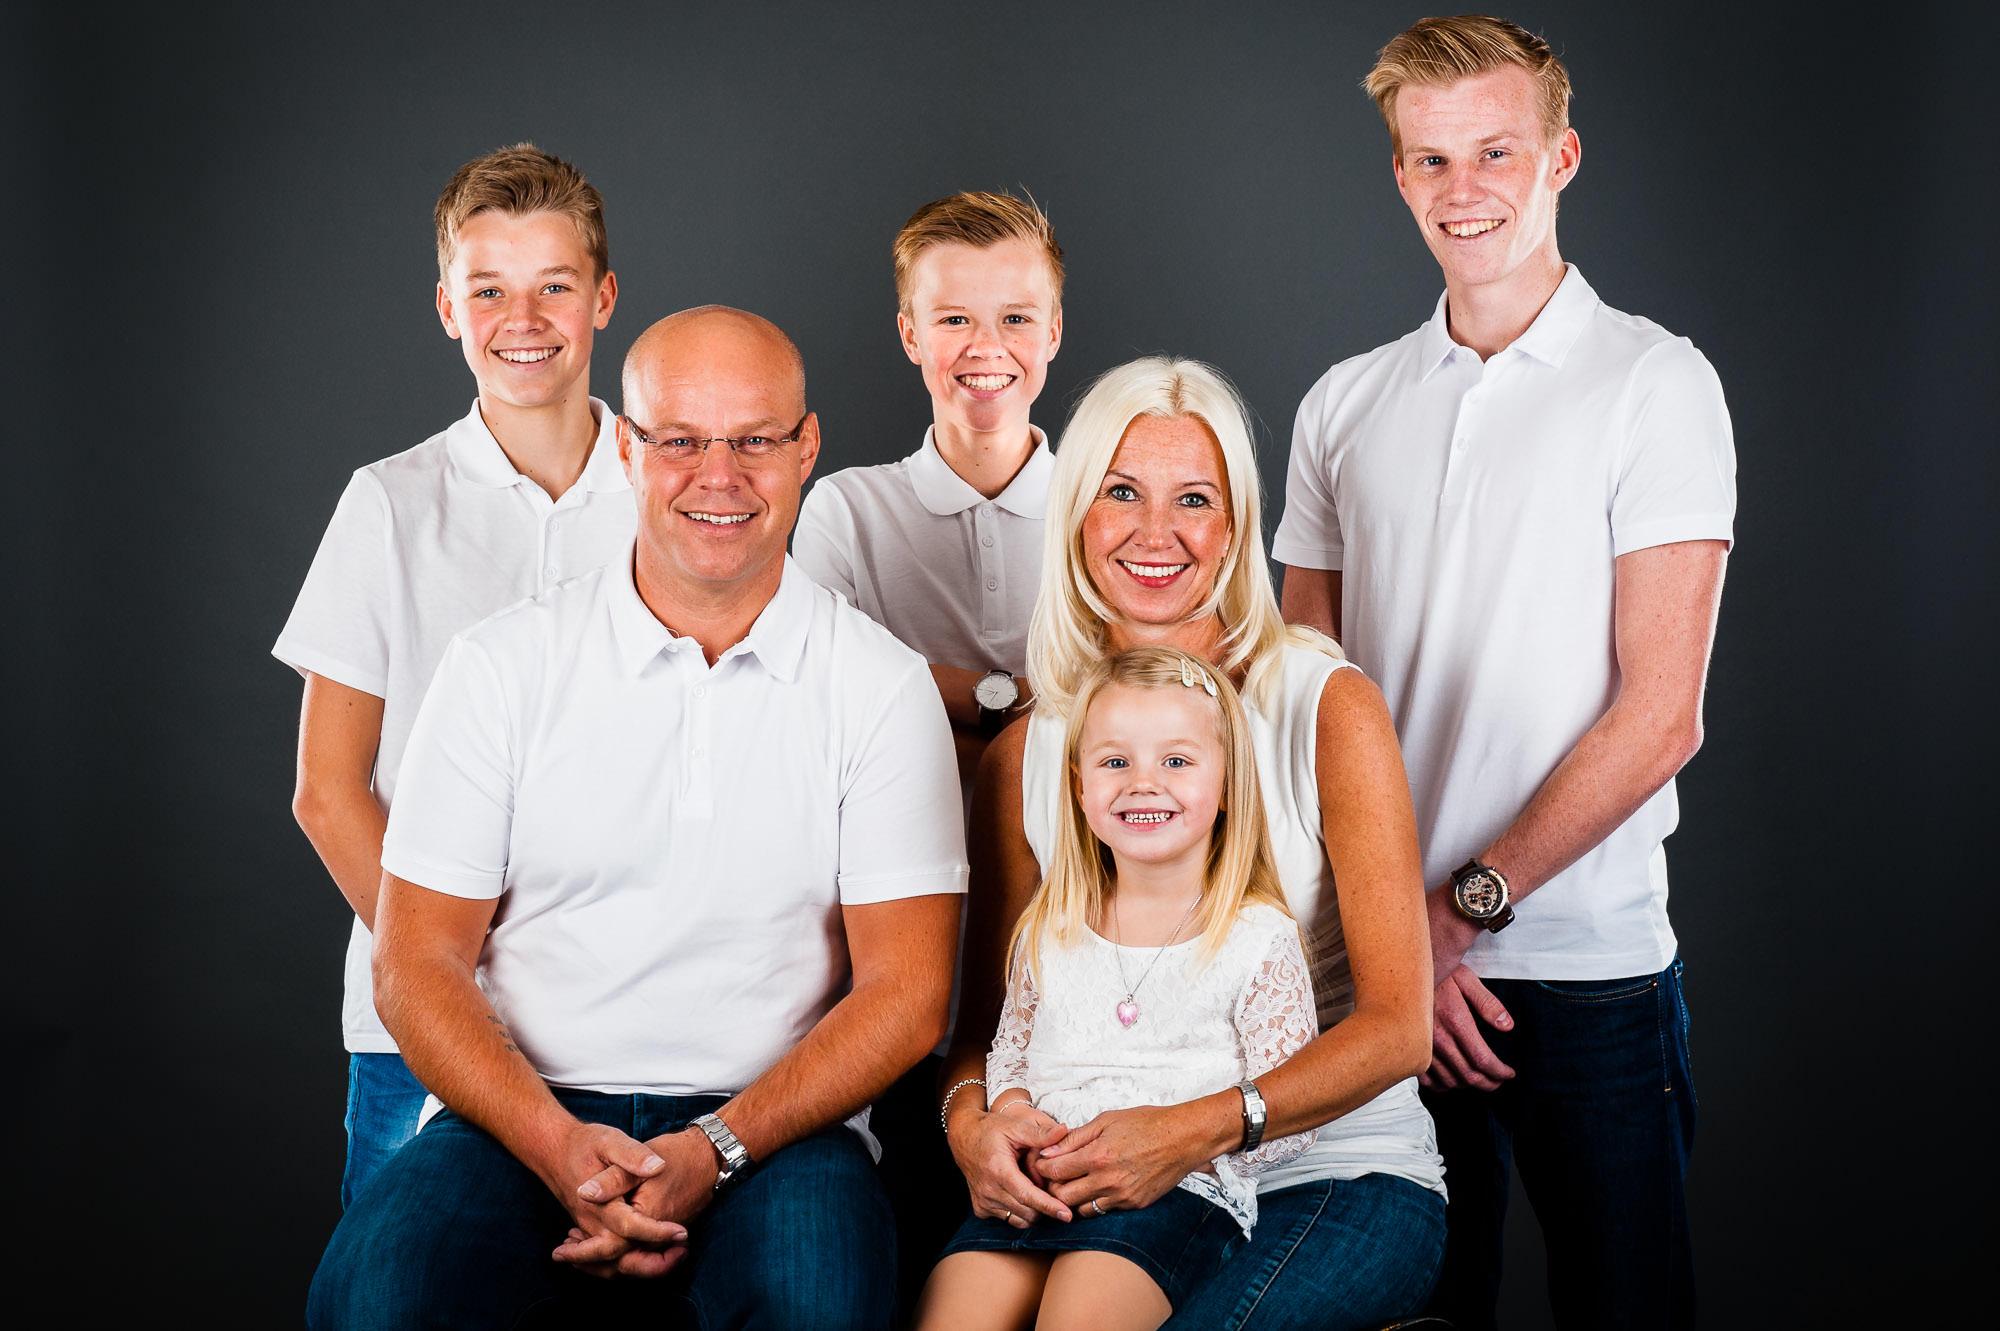 Fotograf-Porsgrunn-Skien-DagFrogner-Familie-1